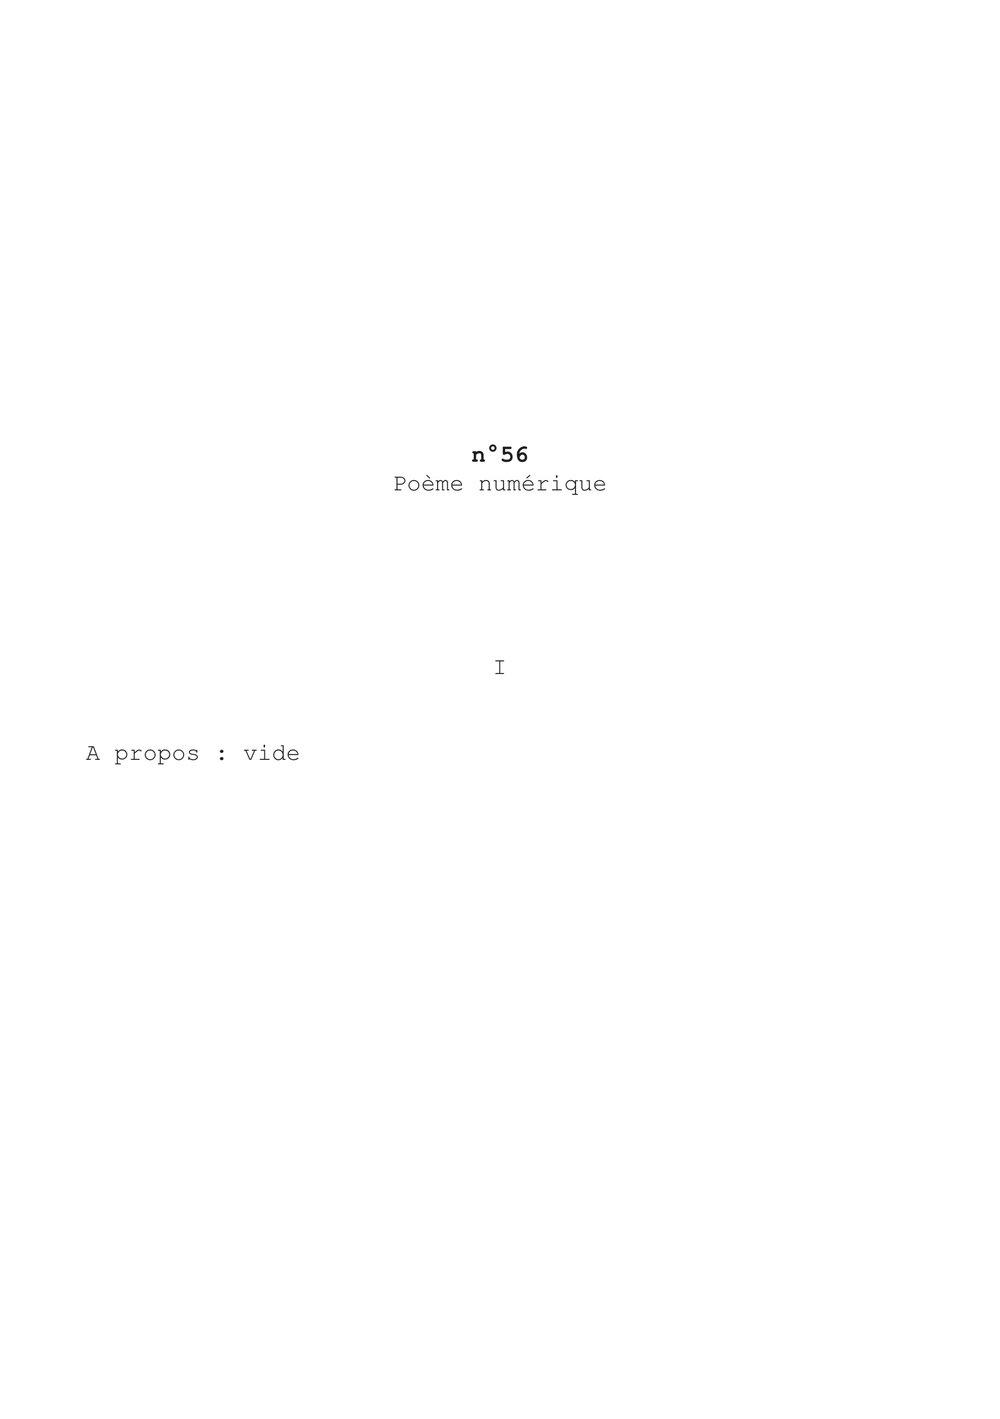 poeme numerique i.jpg